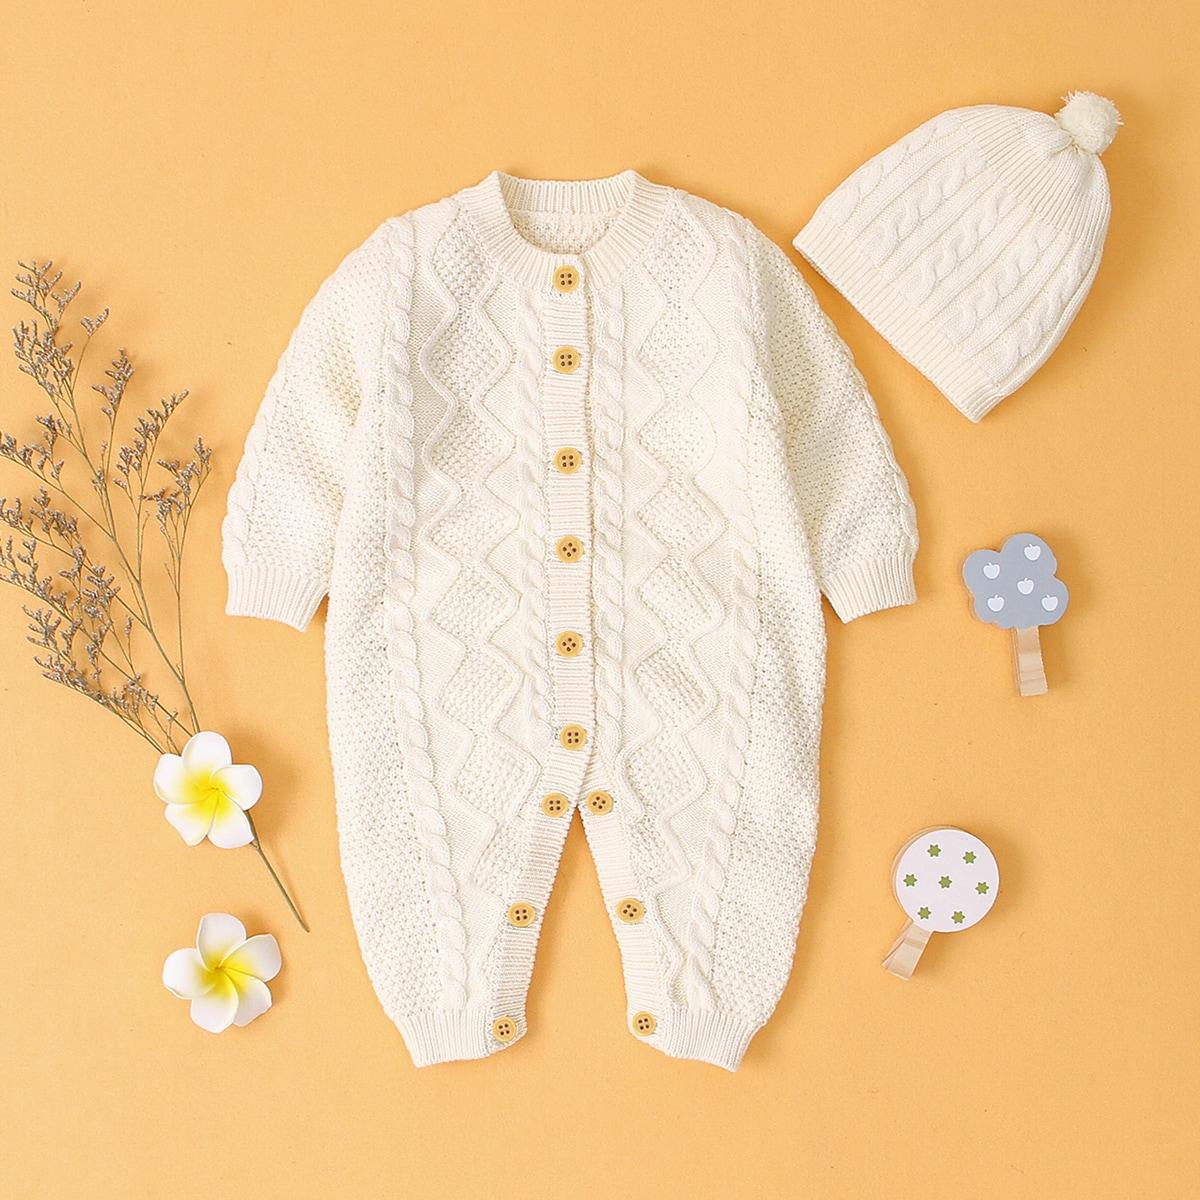 Белый Одноцветный Повседневный Боди для малышей фото